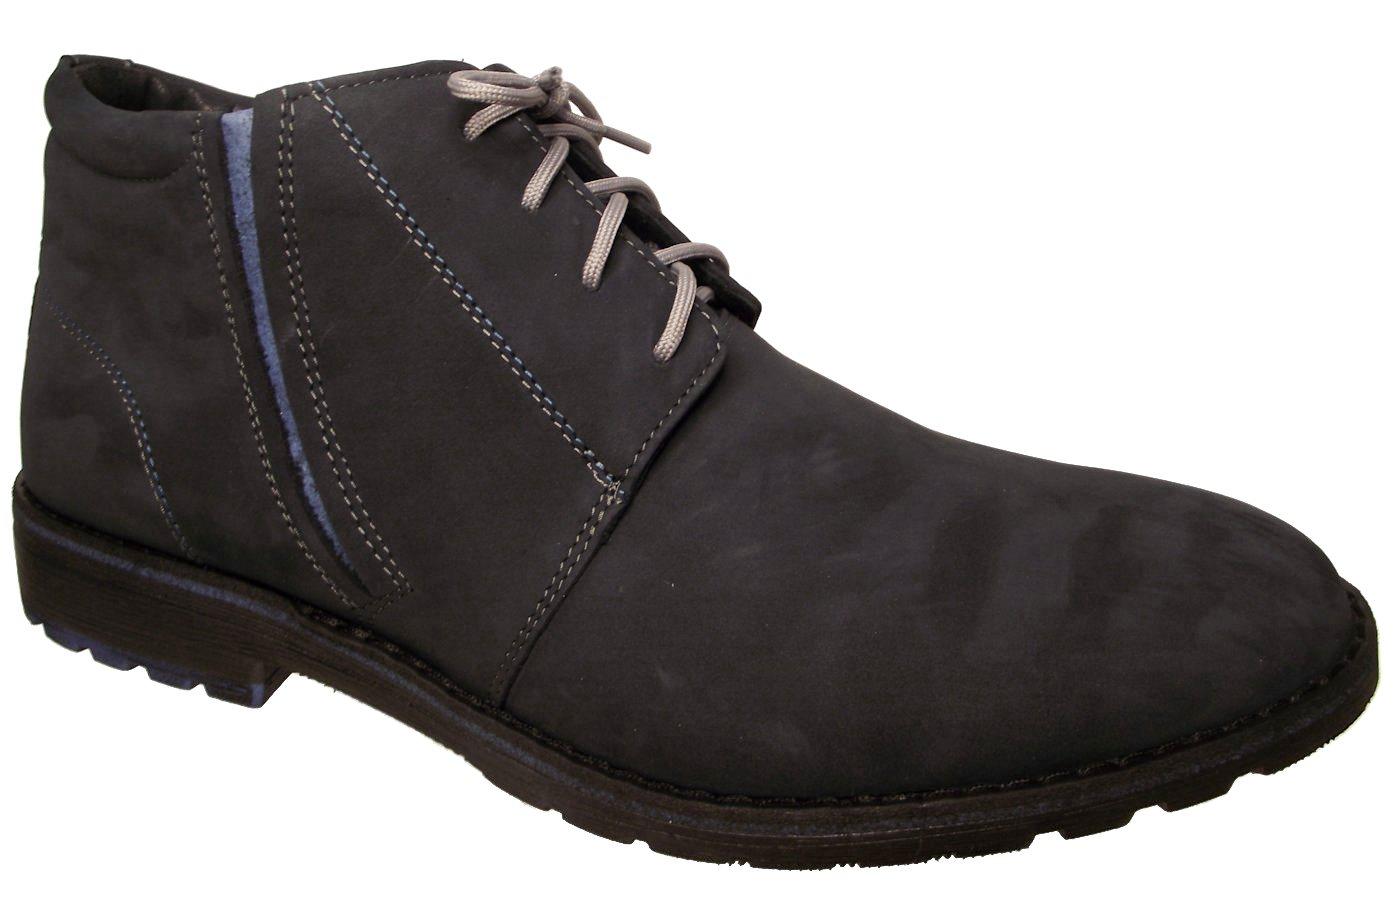 Pánská zimní kotníková obuv Kira 236 modrá Velikost: 40 (EU)